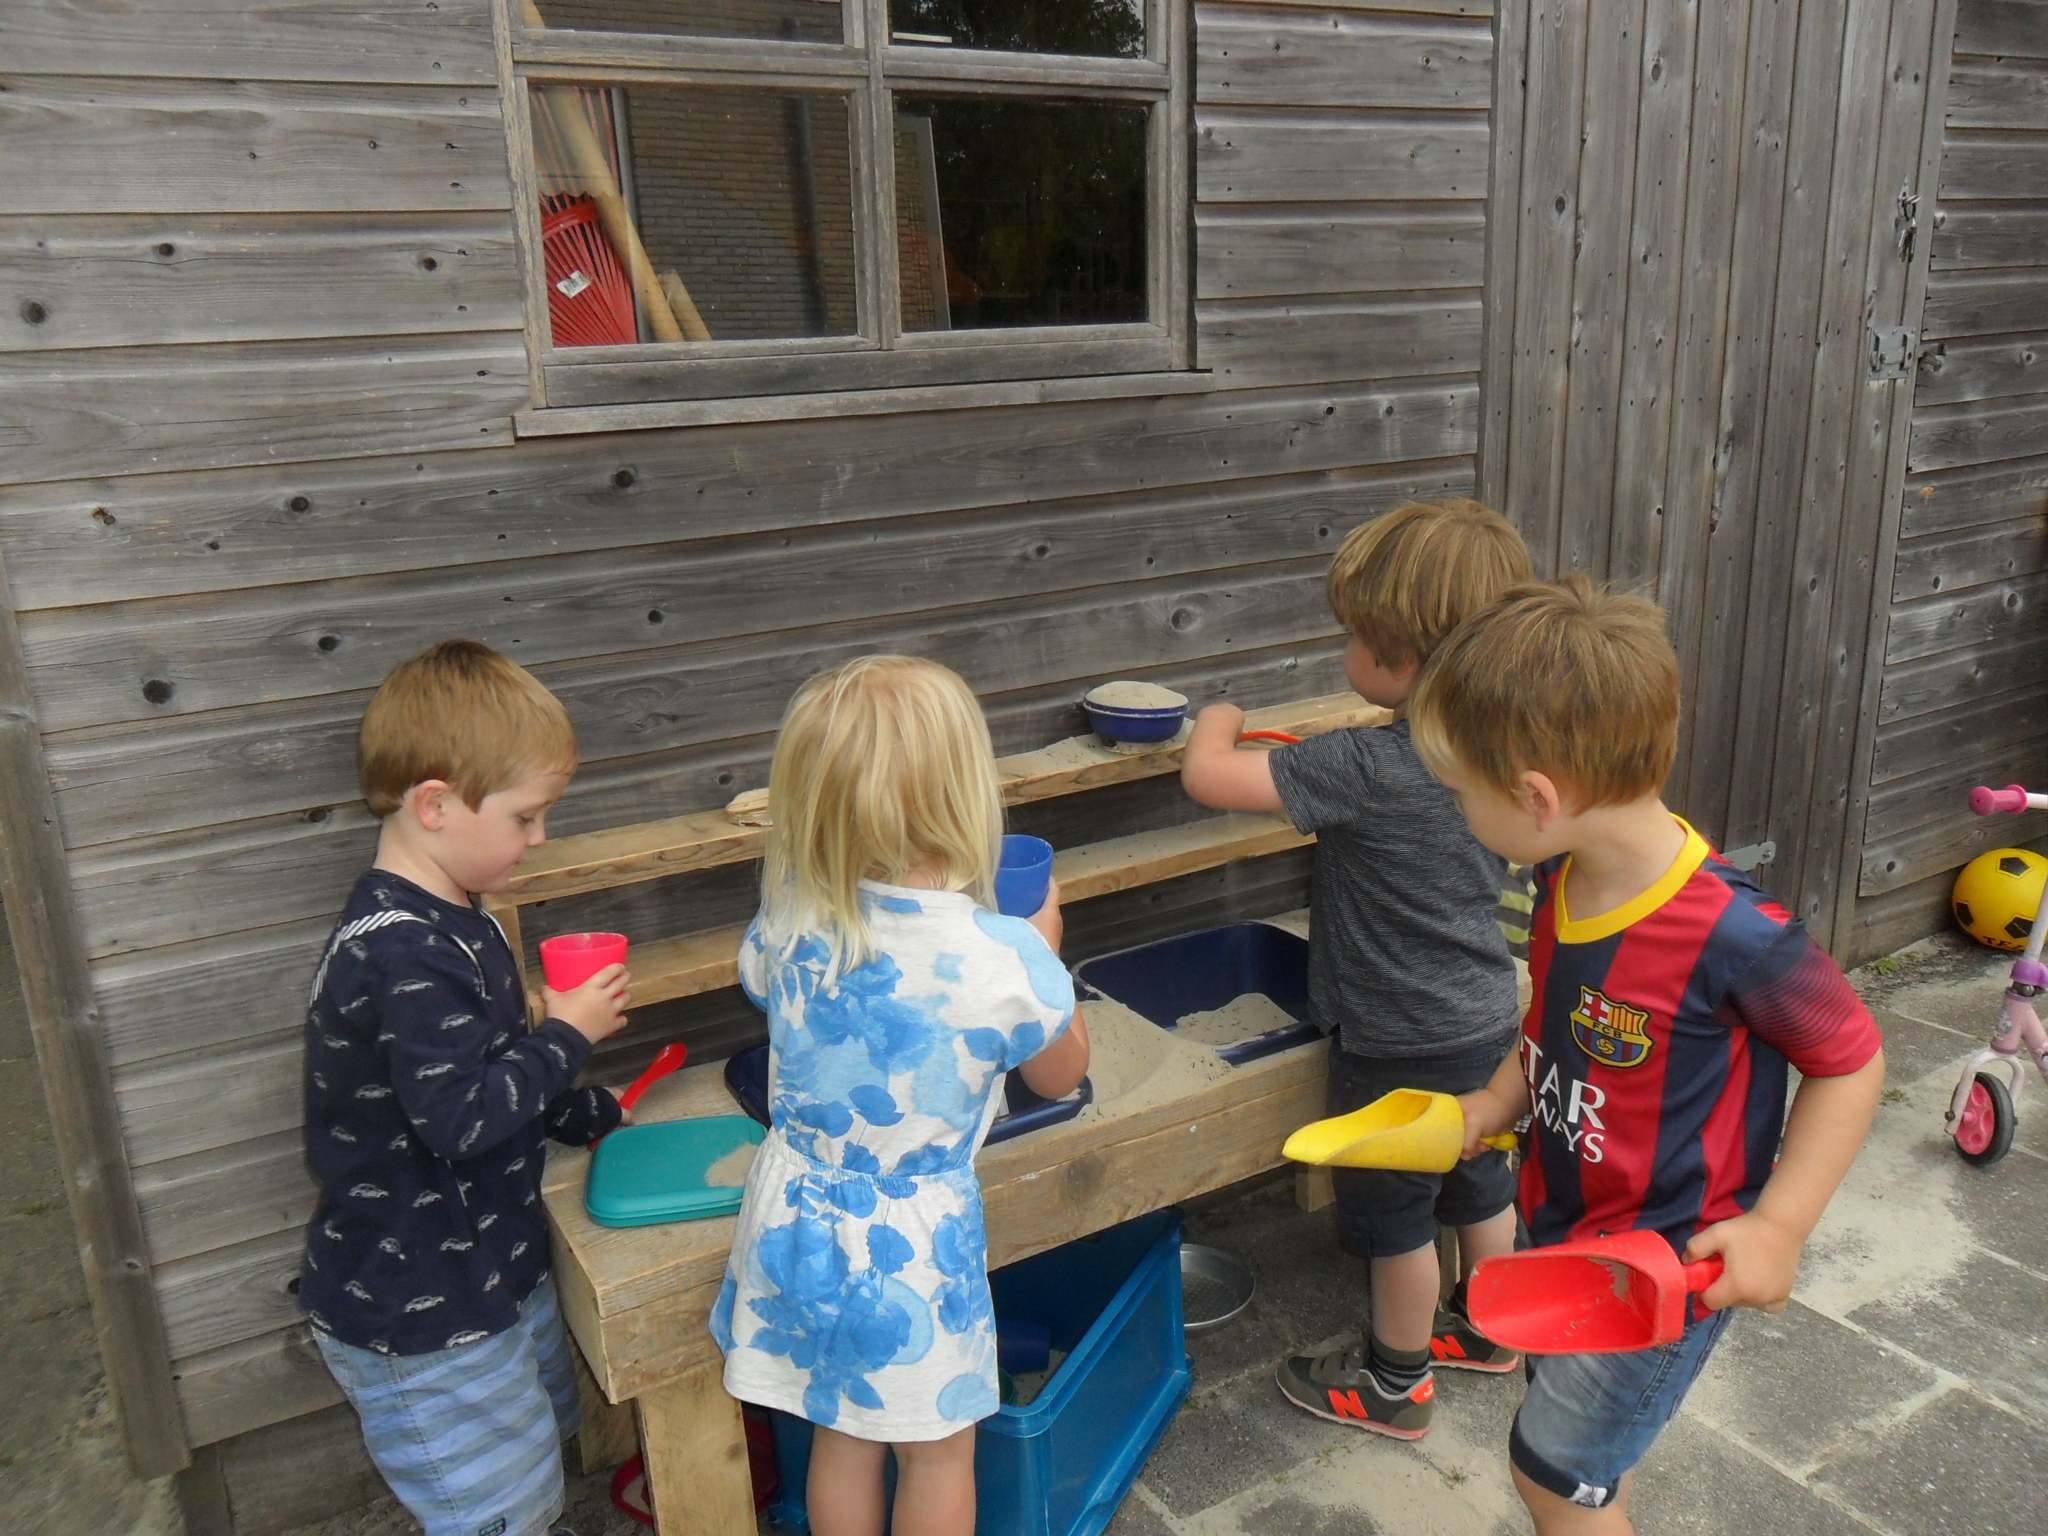 Peuteropvang 't Bernekuorke in Akkrum - Kids First COP Groep